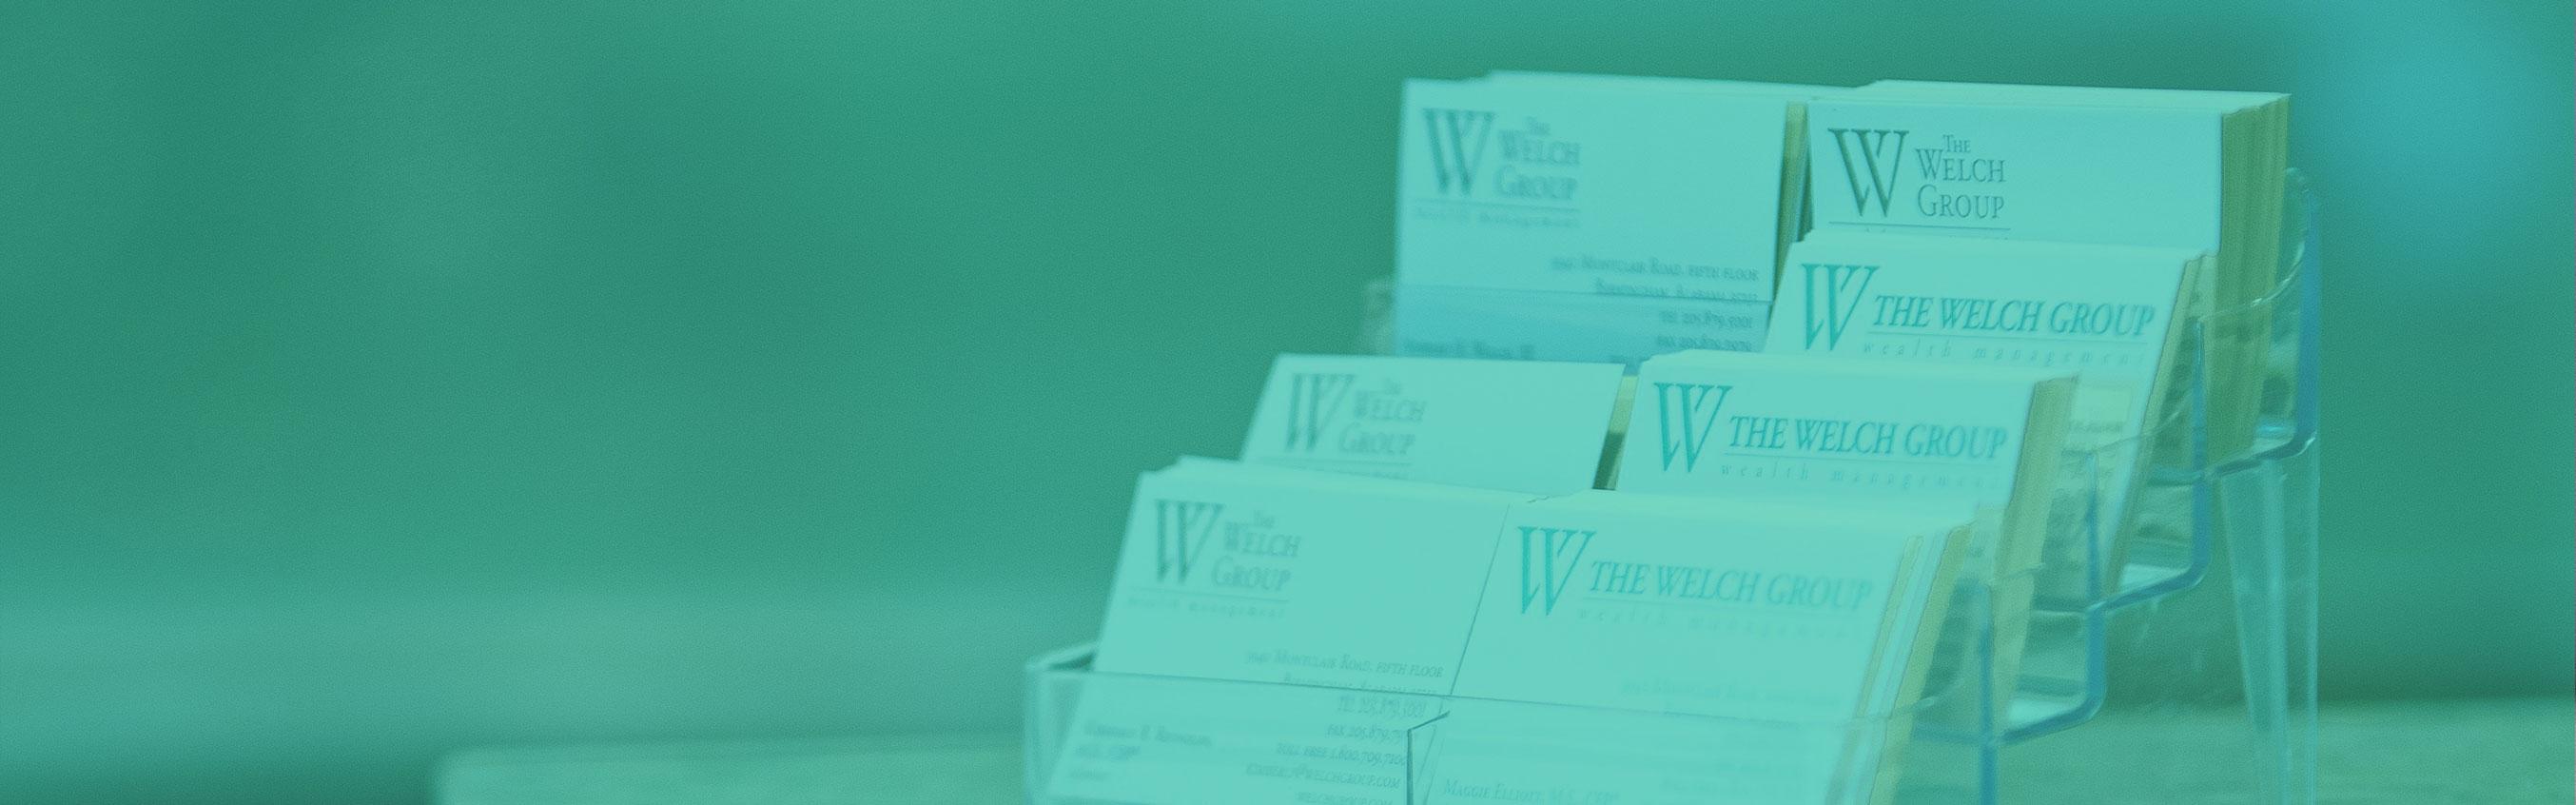 slide-green-cards